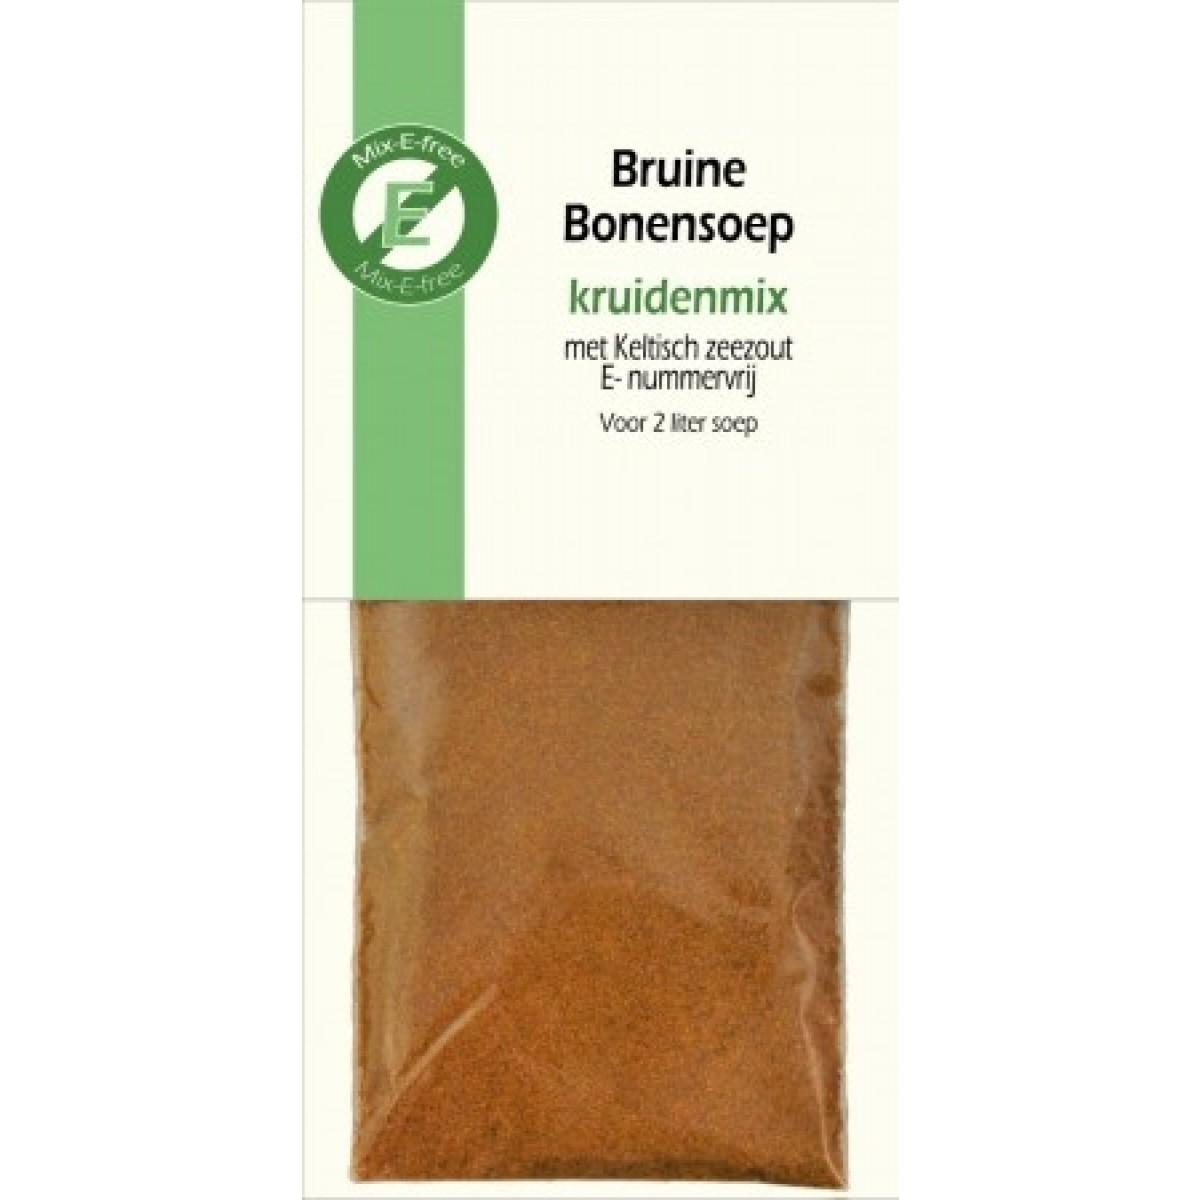 Kruidenmix Bruine Bonensoep